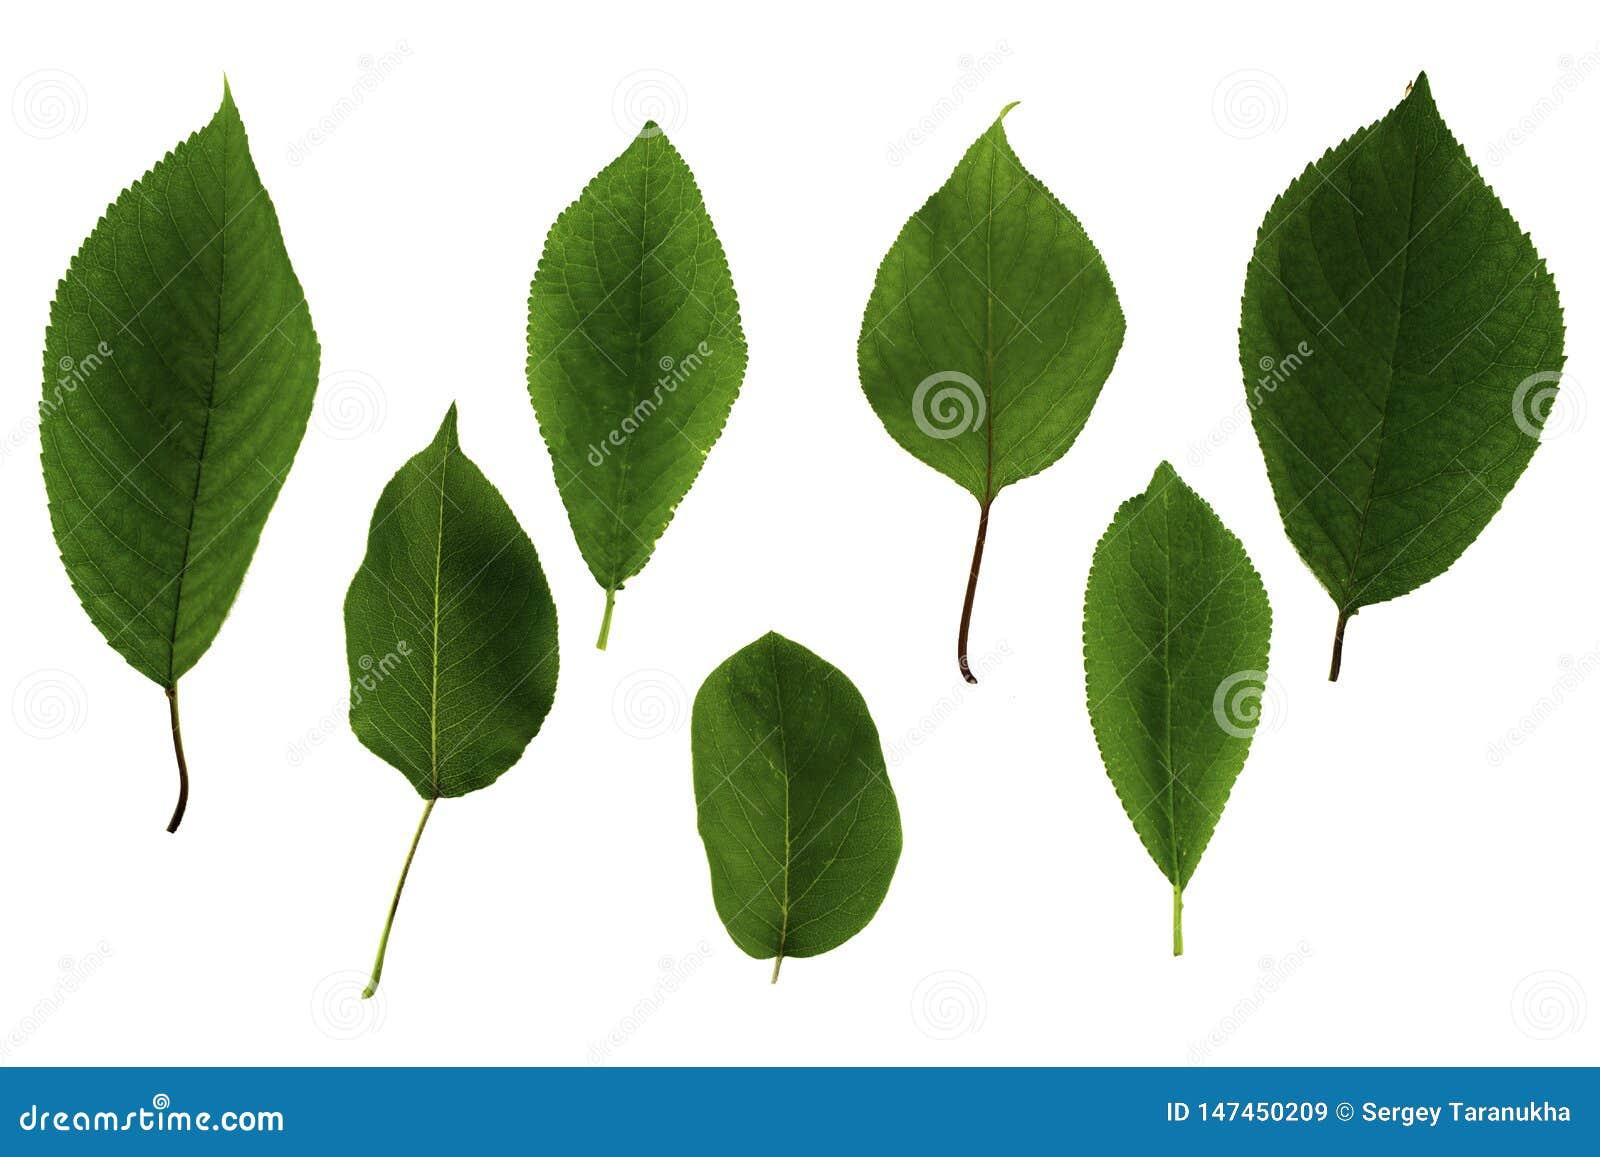 Σύνολο πράσινων φύλλων των οπωρωφόρων δέντρων που απομονώνεται στο άσπρο υπόβαθρο